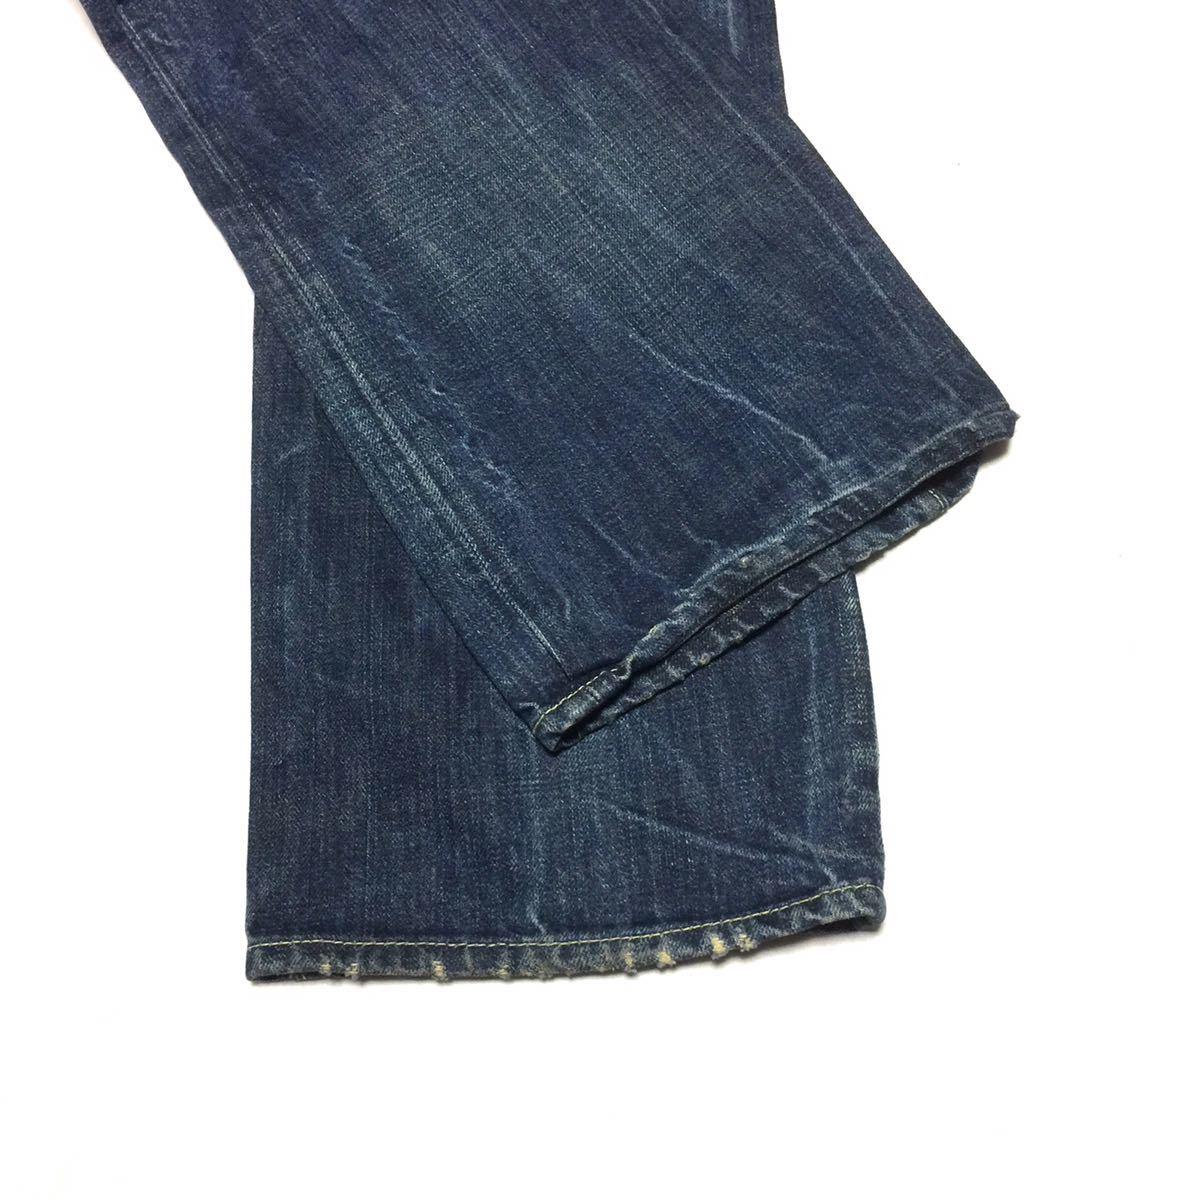 即決 ENERGIE エナジー ダメージ加工 ストレート デニム パンツ ジーンズ サイズ30約78cm イタリア製